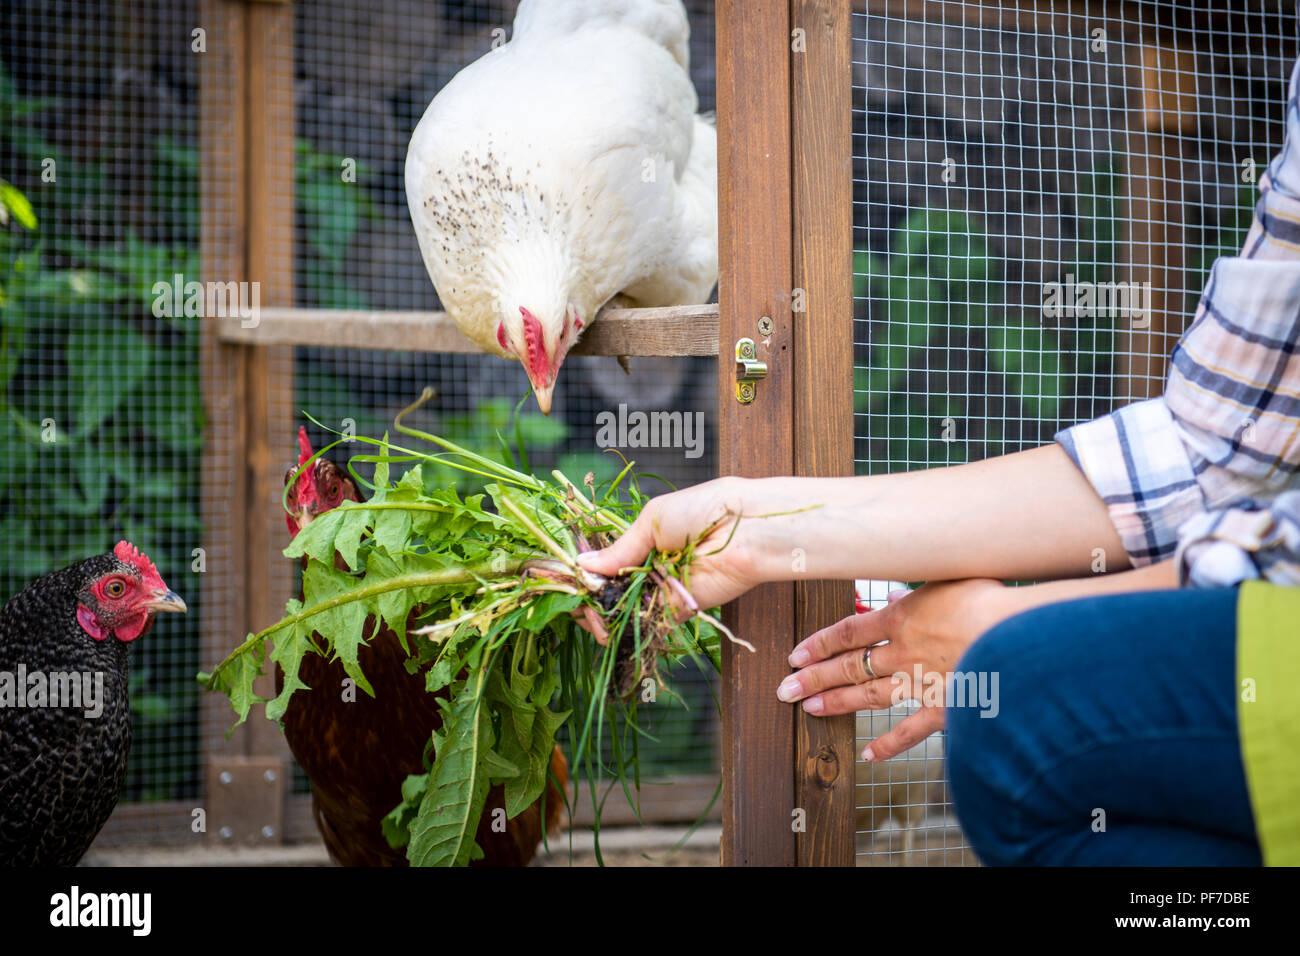 Nicht erkennbare Frau ihre freie Hühner füttern. Ei Legehennen und junge Frau Bauer. Gesunde organische Essen Lifestyle. Kleine nachhaltige weit Stockbild